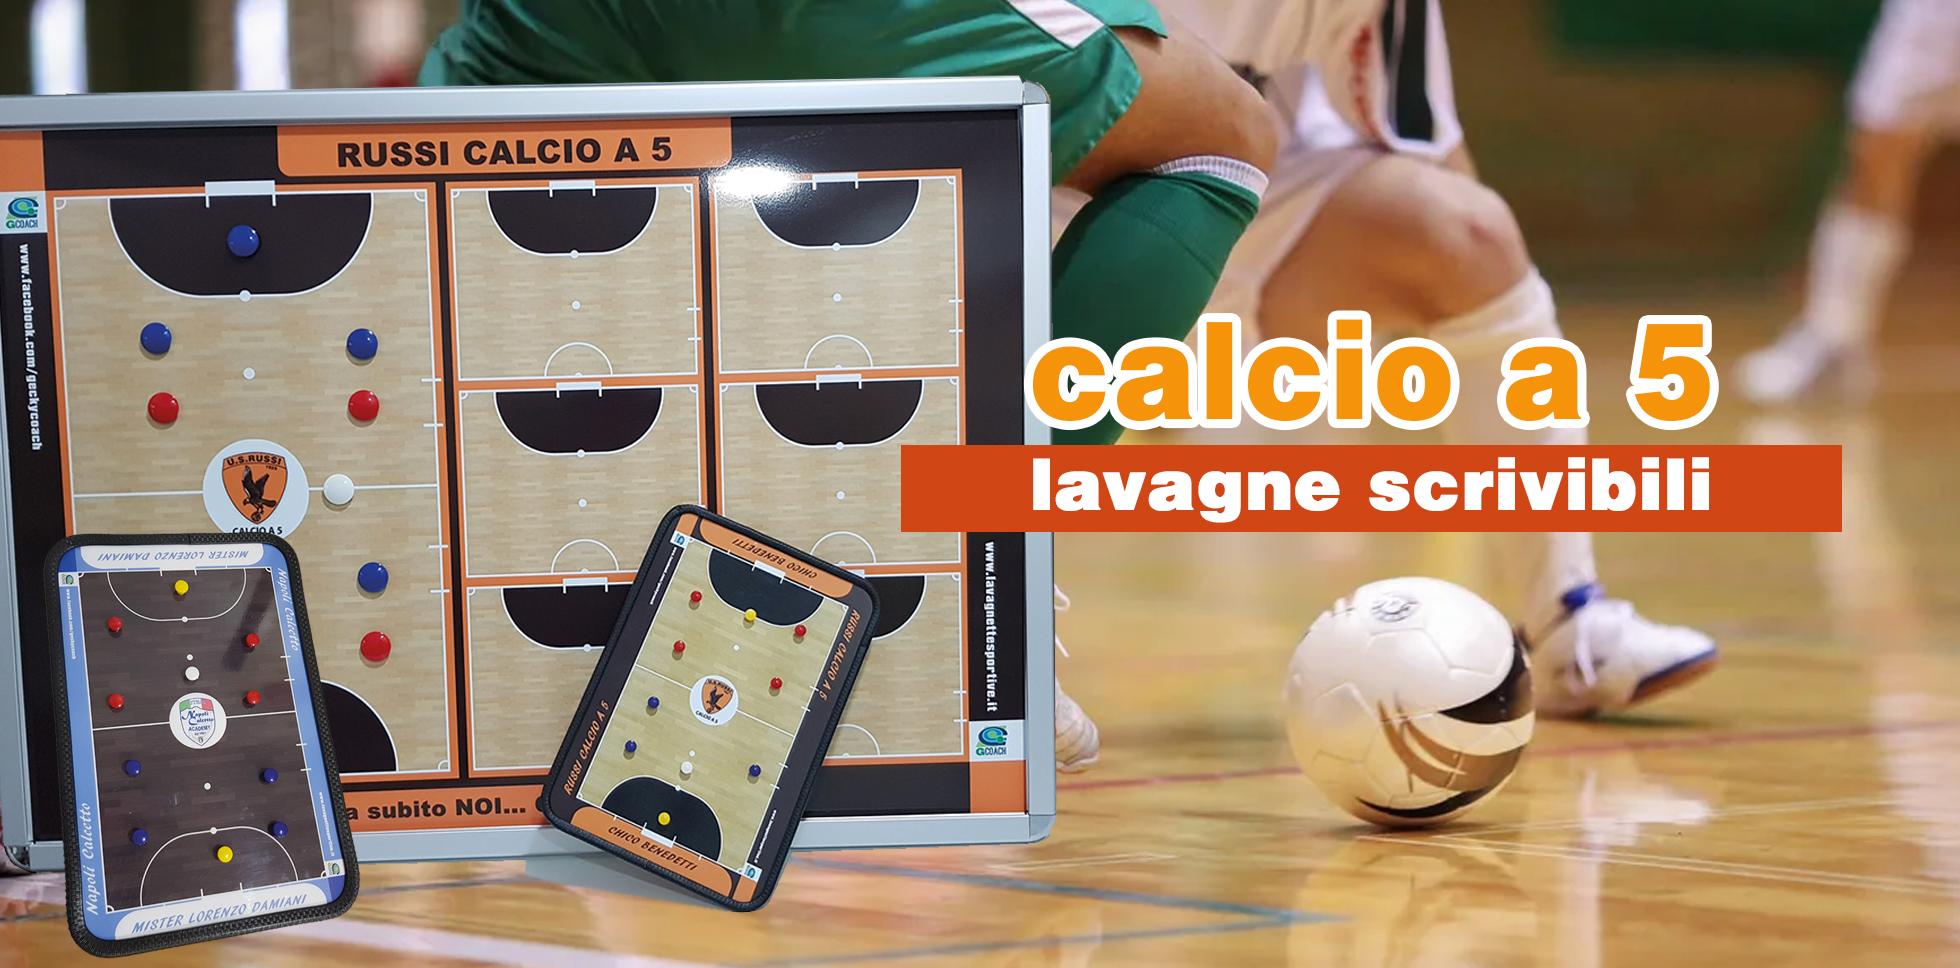 Lavagnette Sportive - Gcoach - Lavagnetta Magnetica e Scrivibile